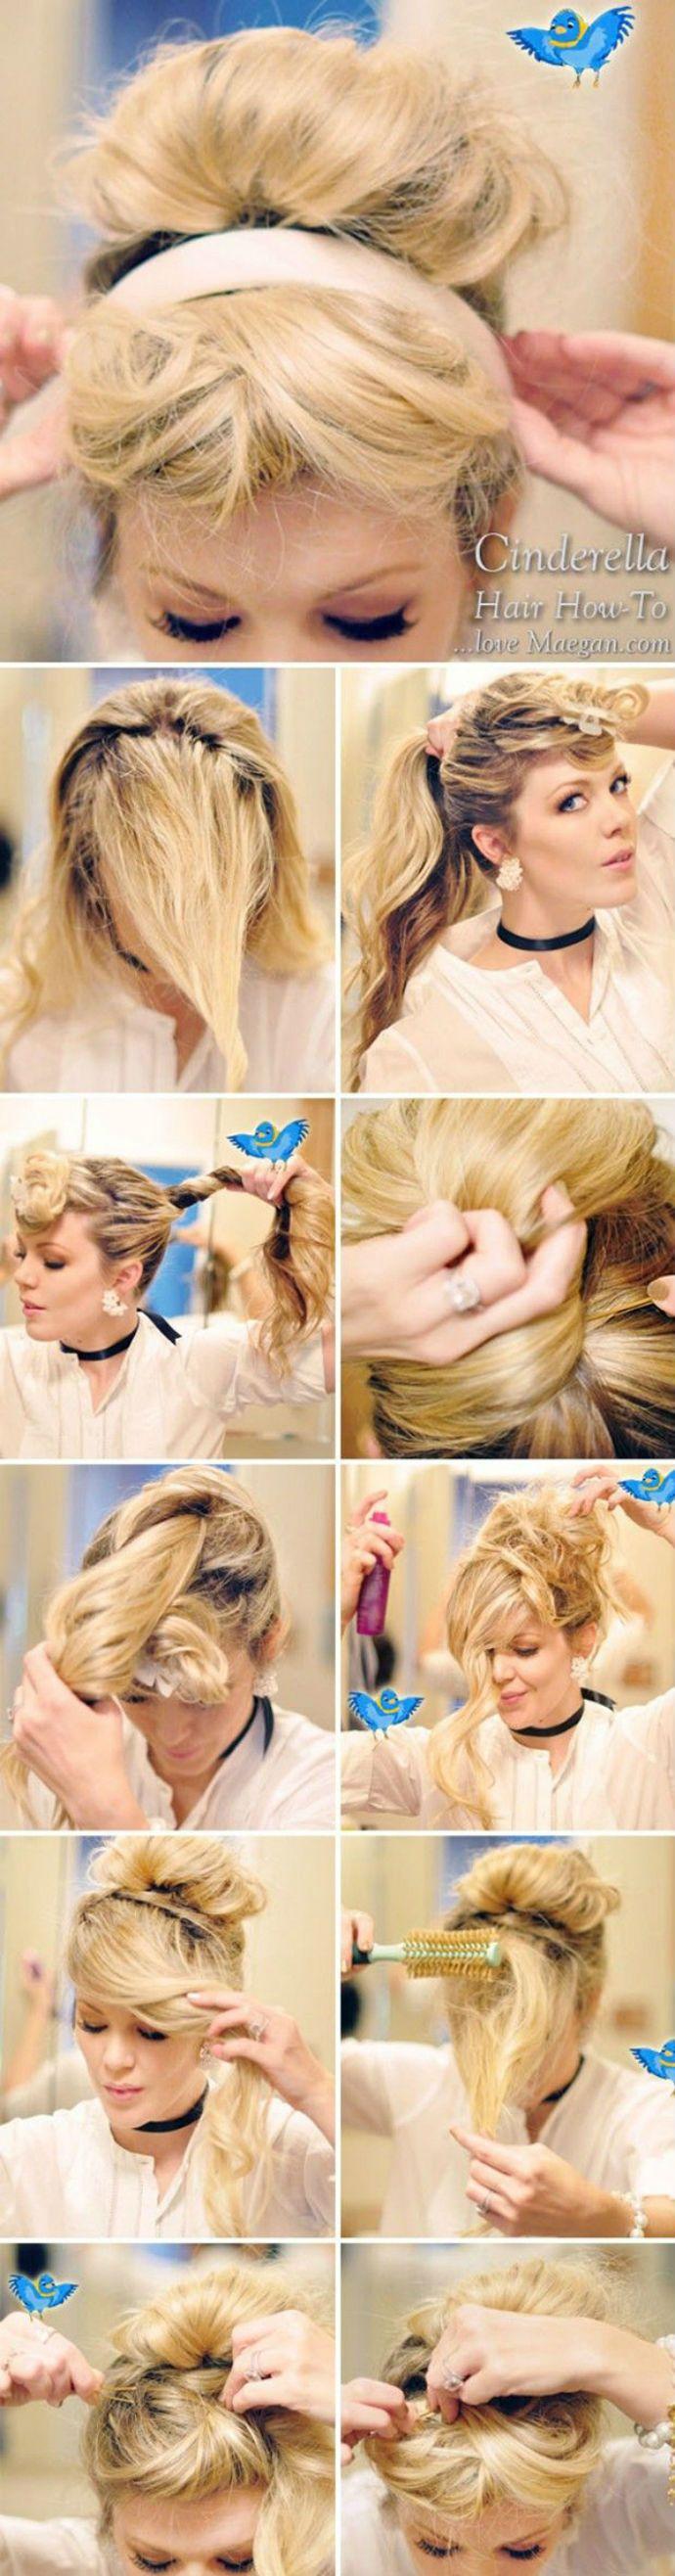 Penteados inspirados nas princesas da Disney! Passo a passo: CINDERELA